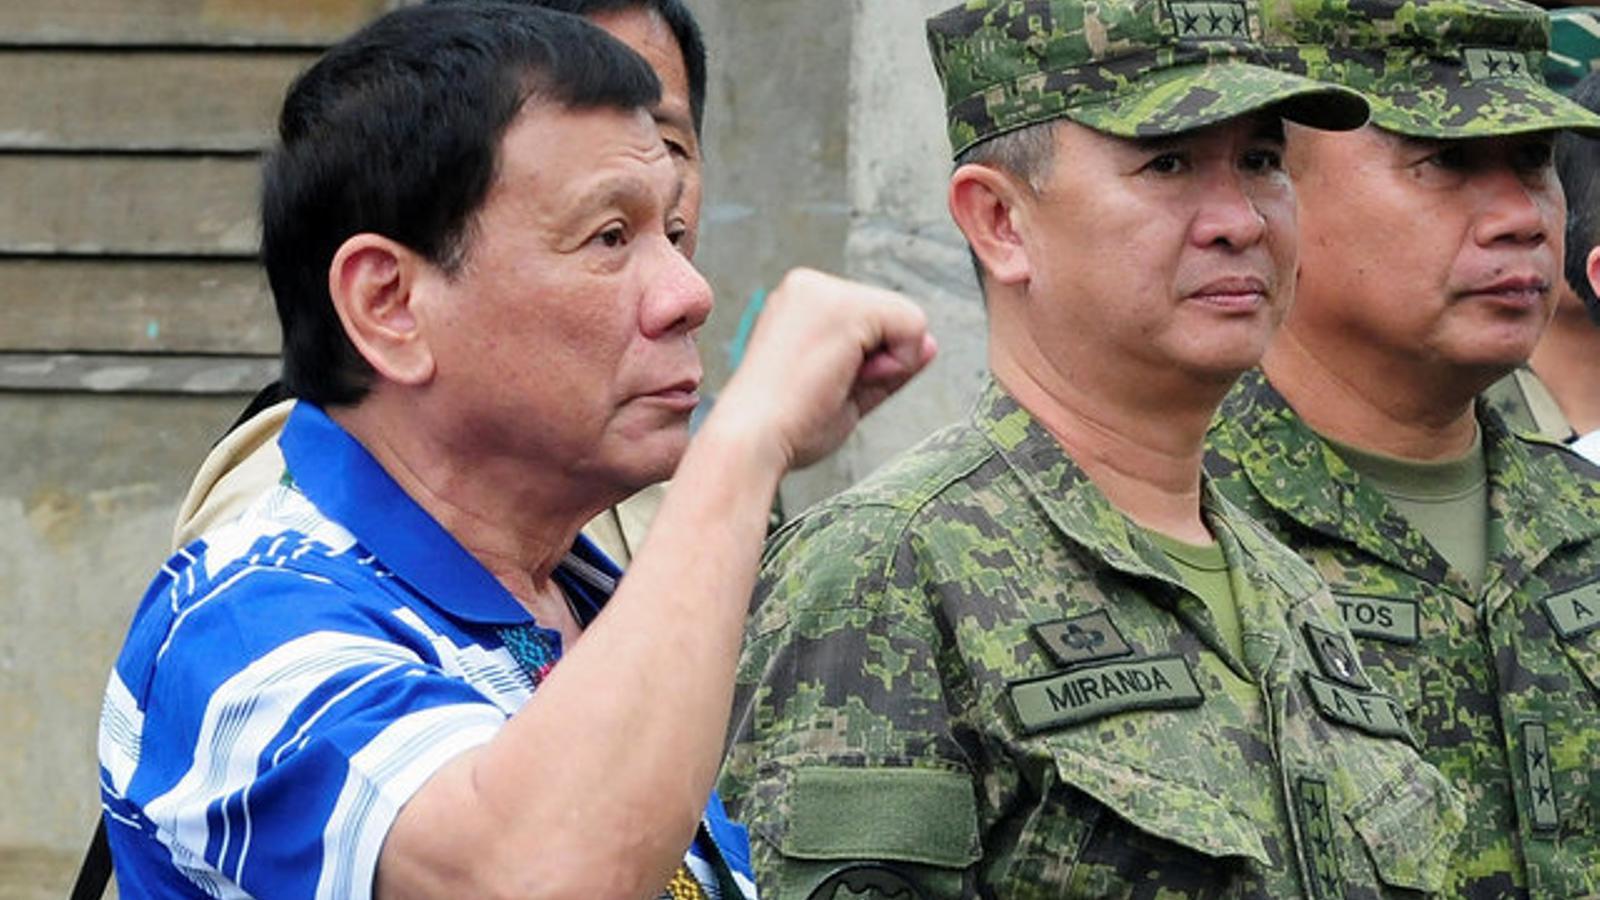 Duterte, amb el puny en alt en una visita a una caserna militar al sud de les Filipines.